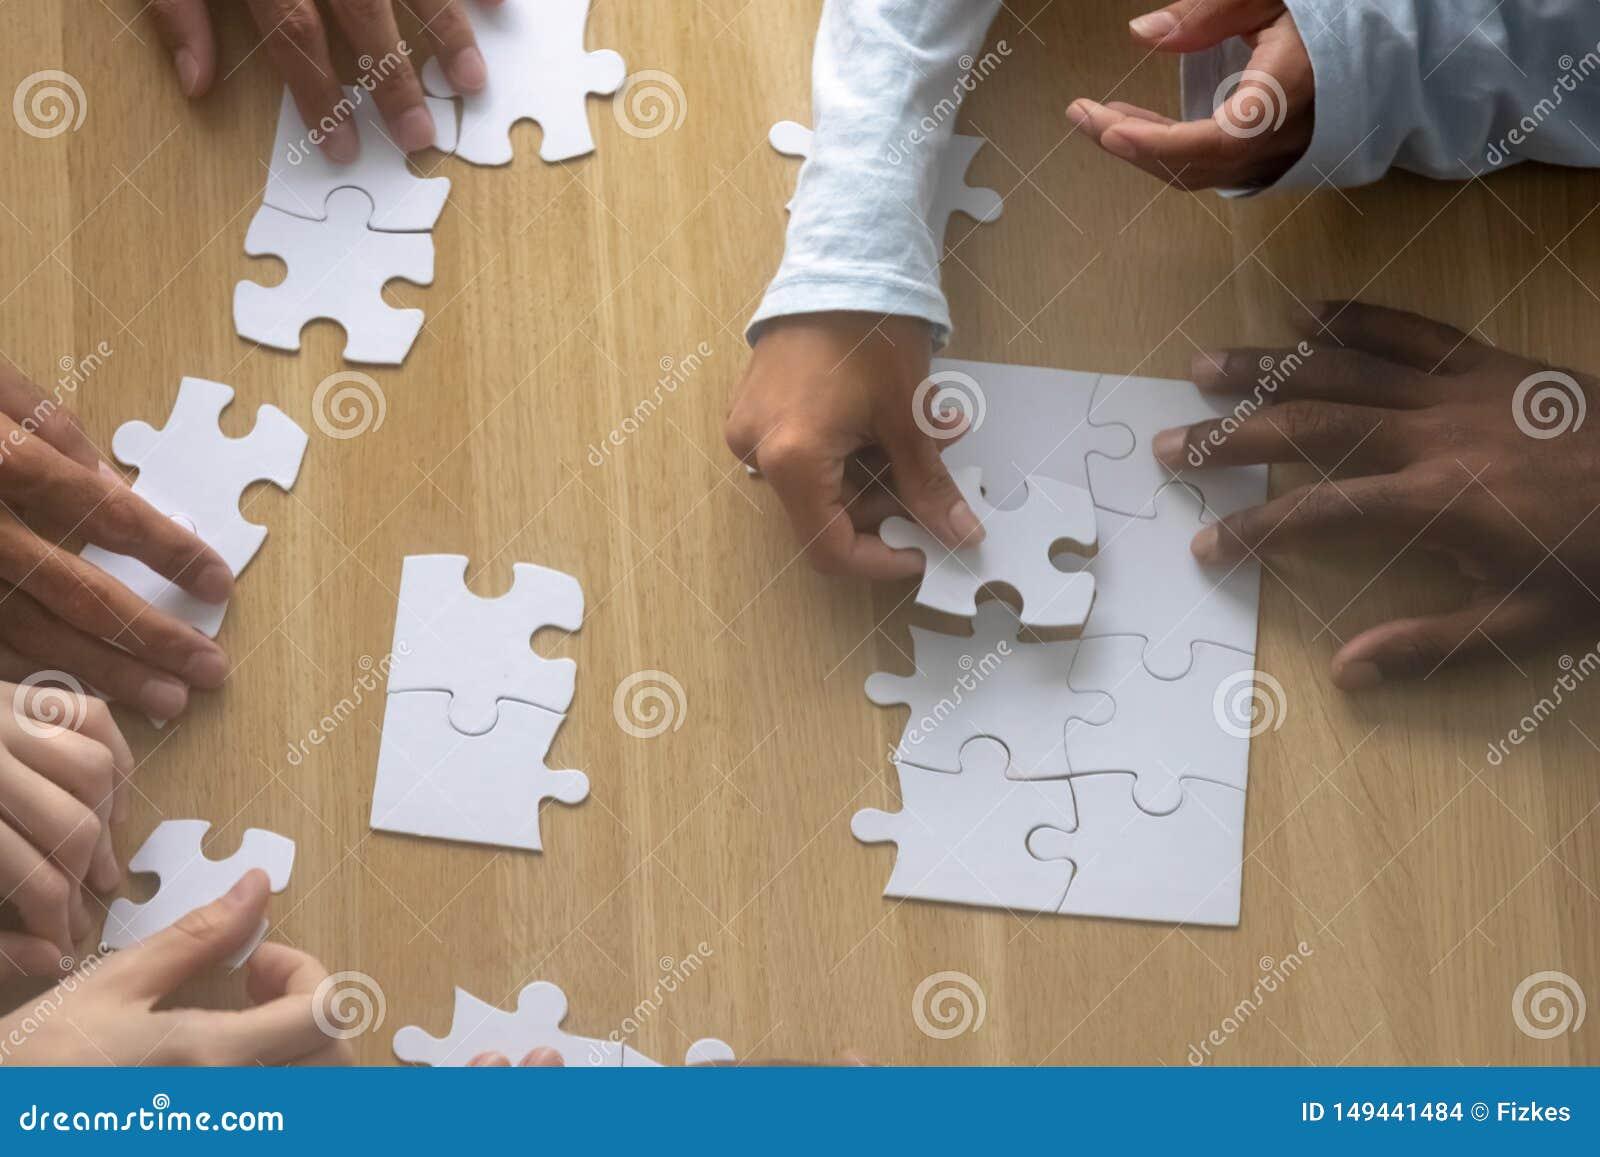 Fine di cui sopra superiore sulle mani umane multirazziali di vista che montano puzzle